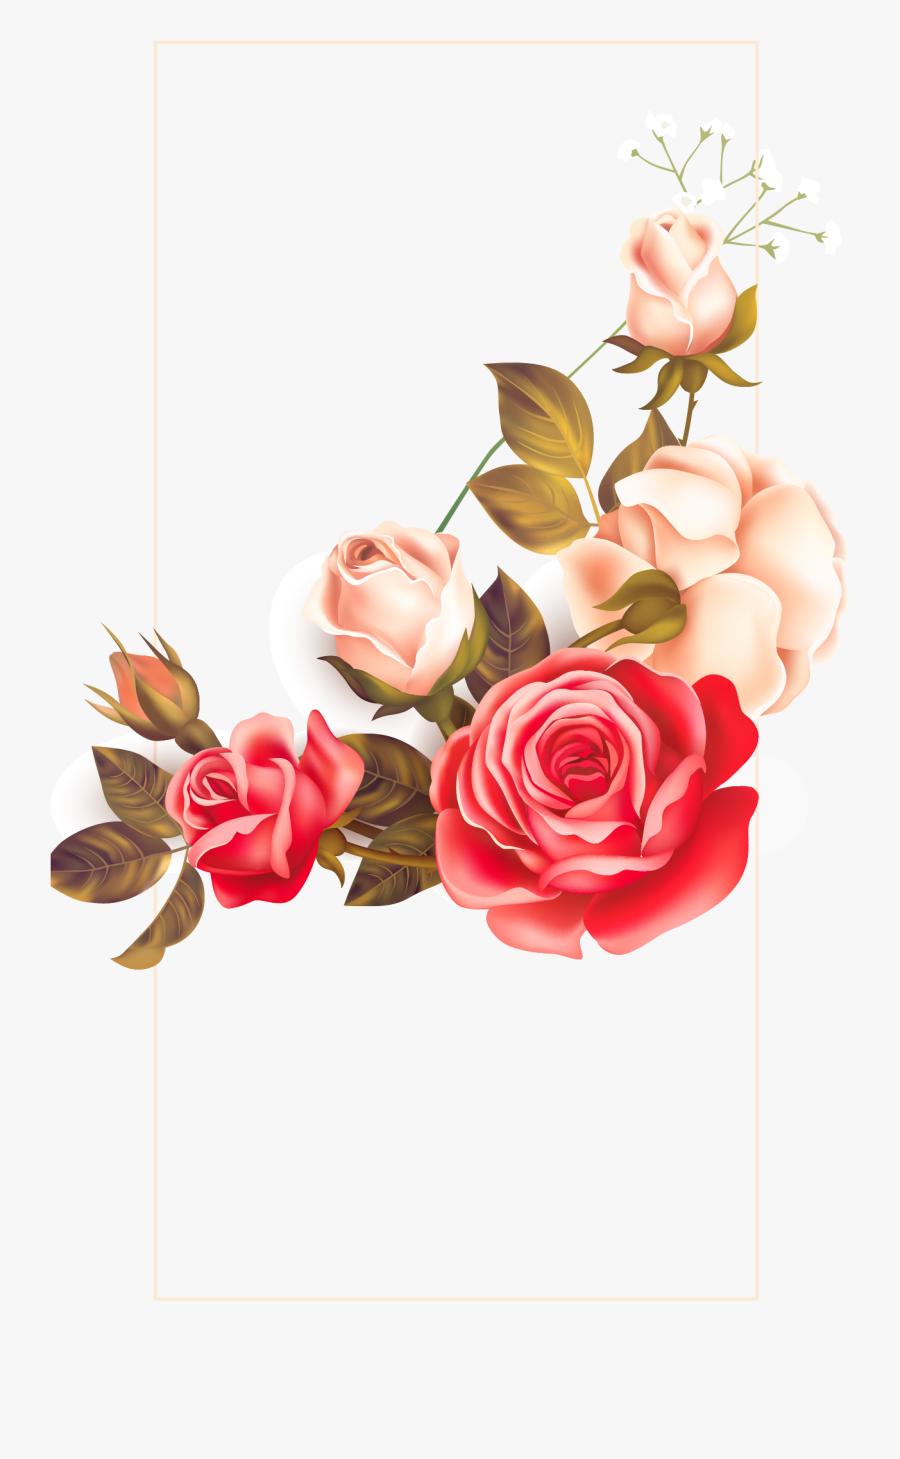 Background Floral Vintage Clipart Images Gallery For Vintage